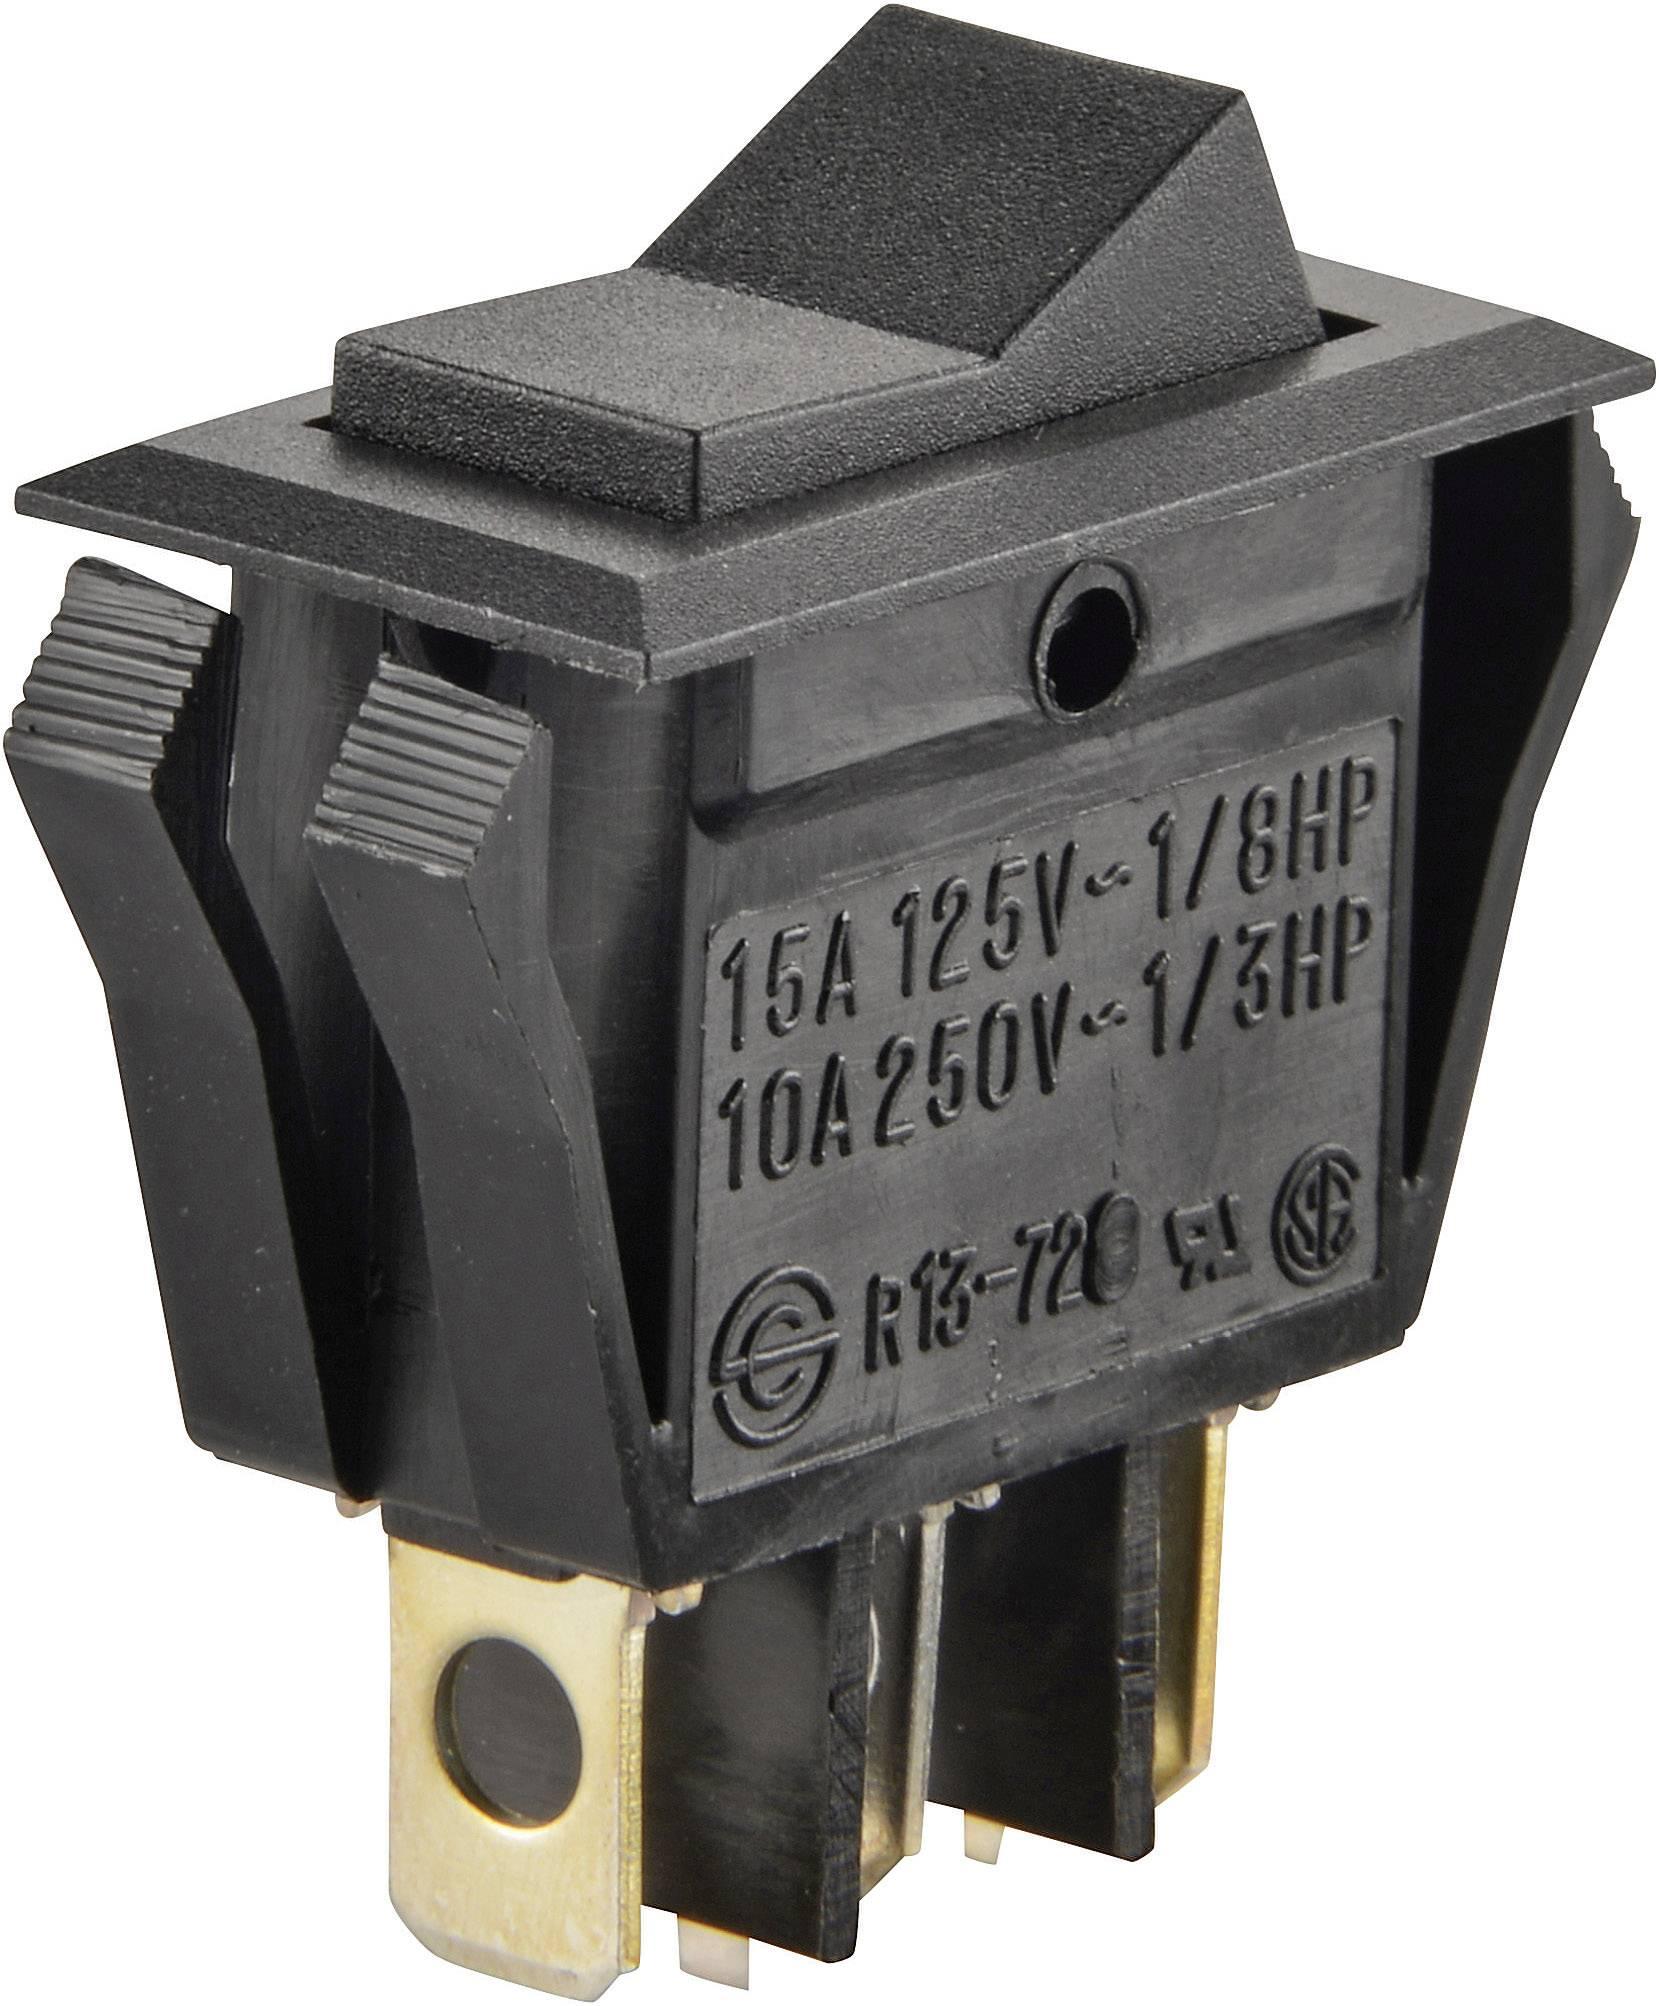 Kolískový spínač SCI R13-72D-01 s aretáciou/0/s aretáciou 250 V/AC, 10 A, 1x zap/vyp/zap, čierna, 1 ks